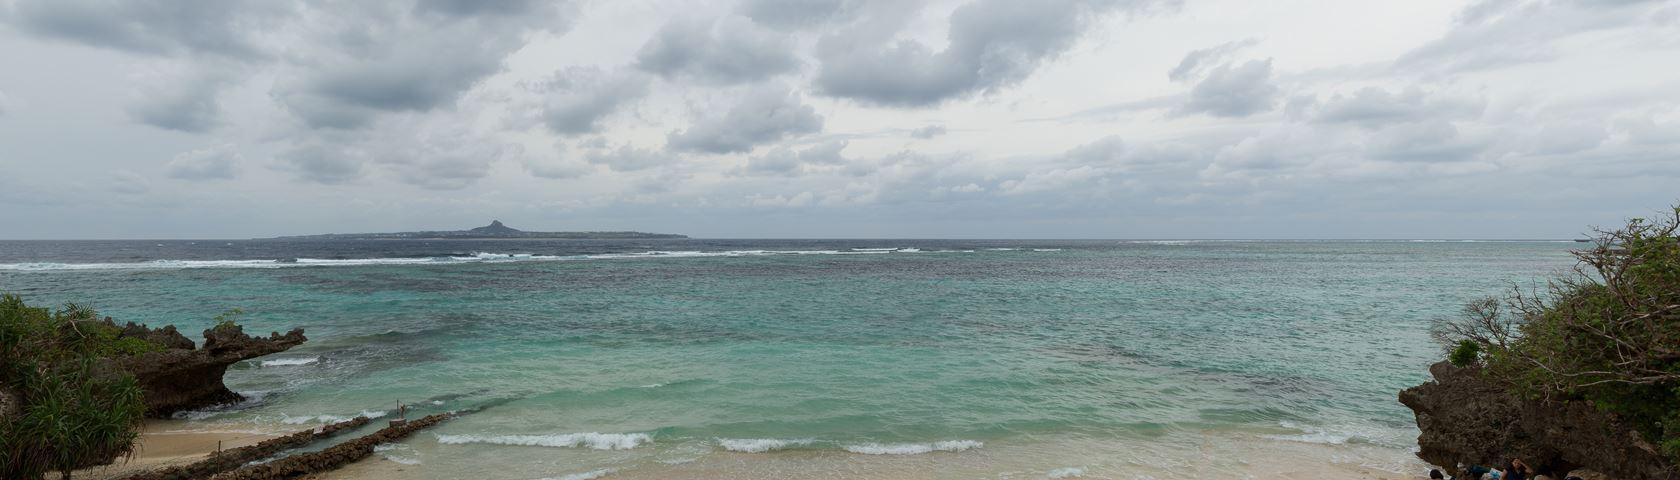 Okinawa Shore